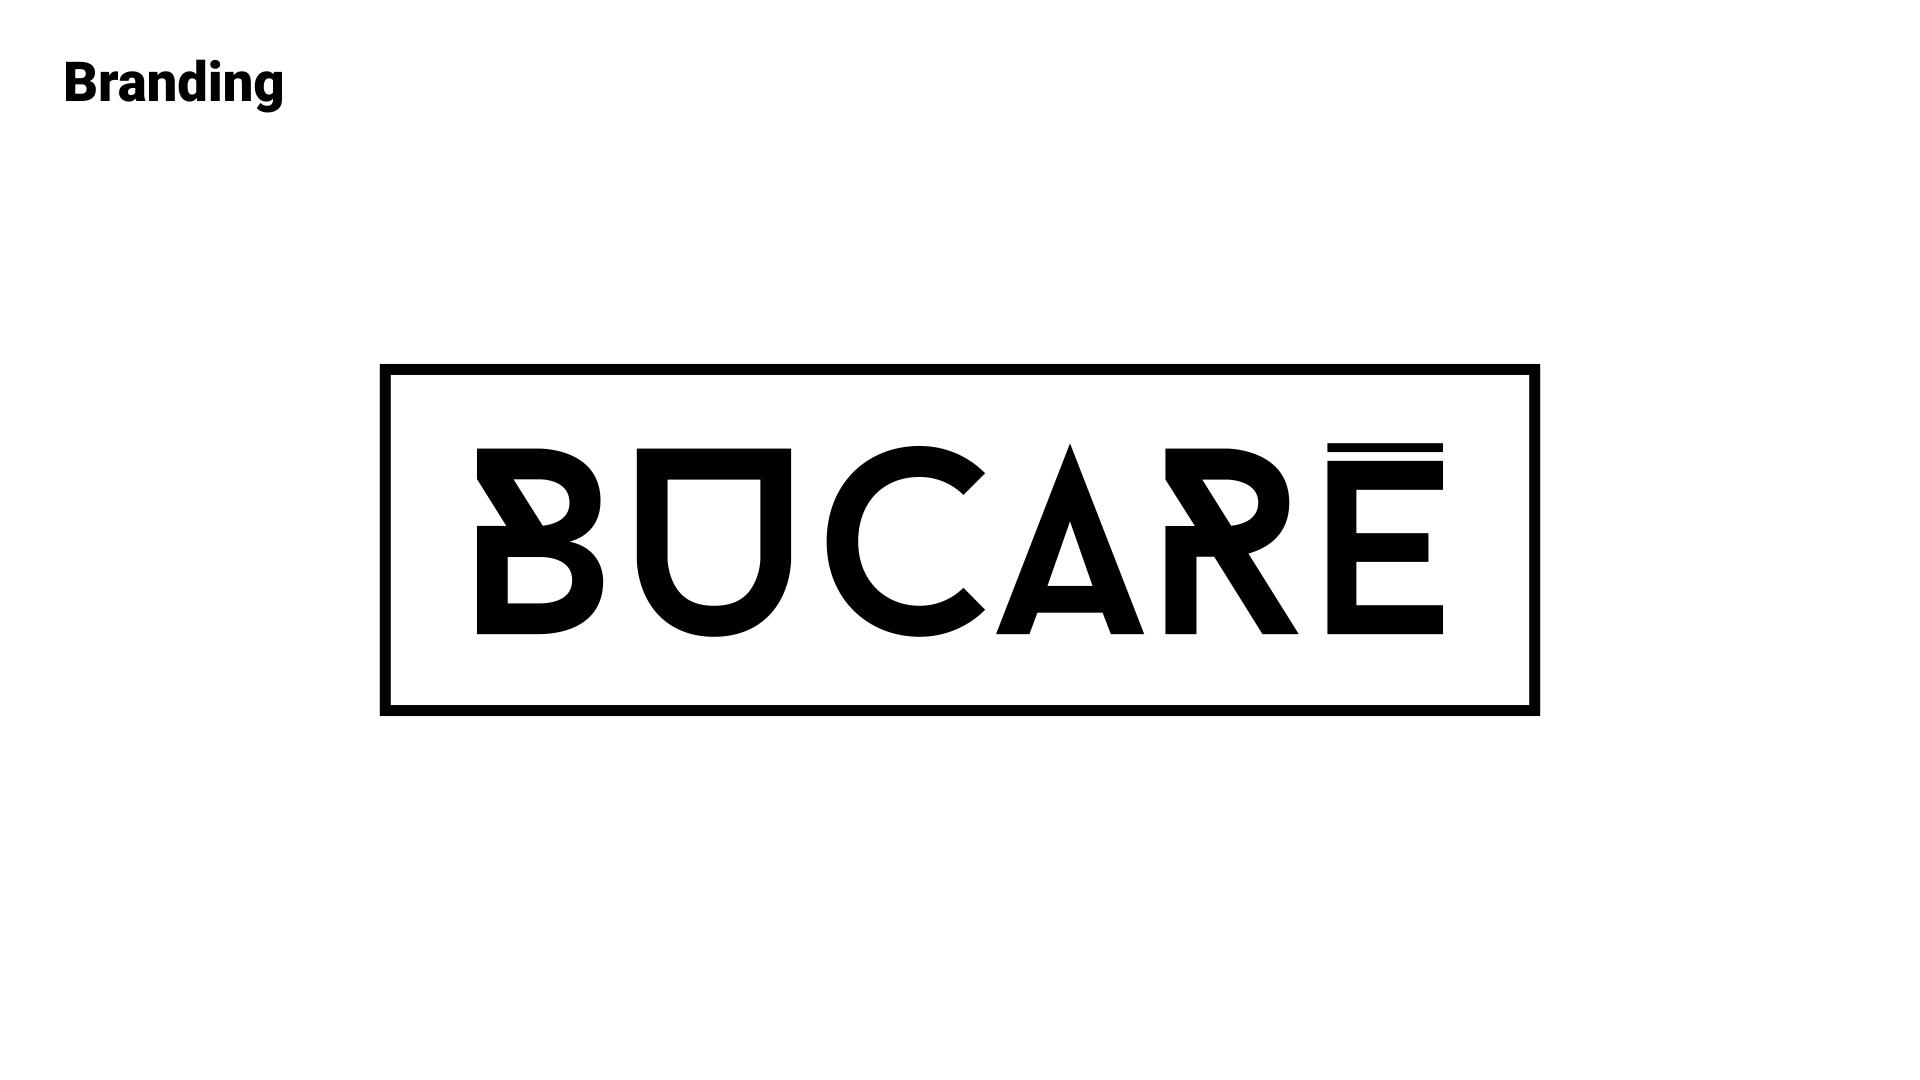 Logotipo de Bucaré